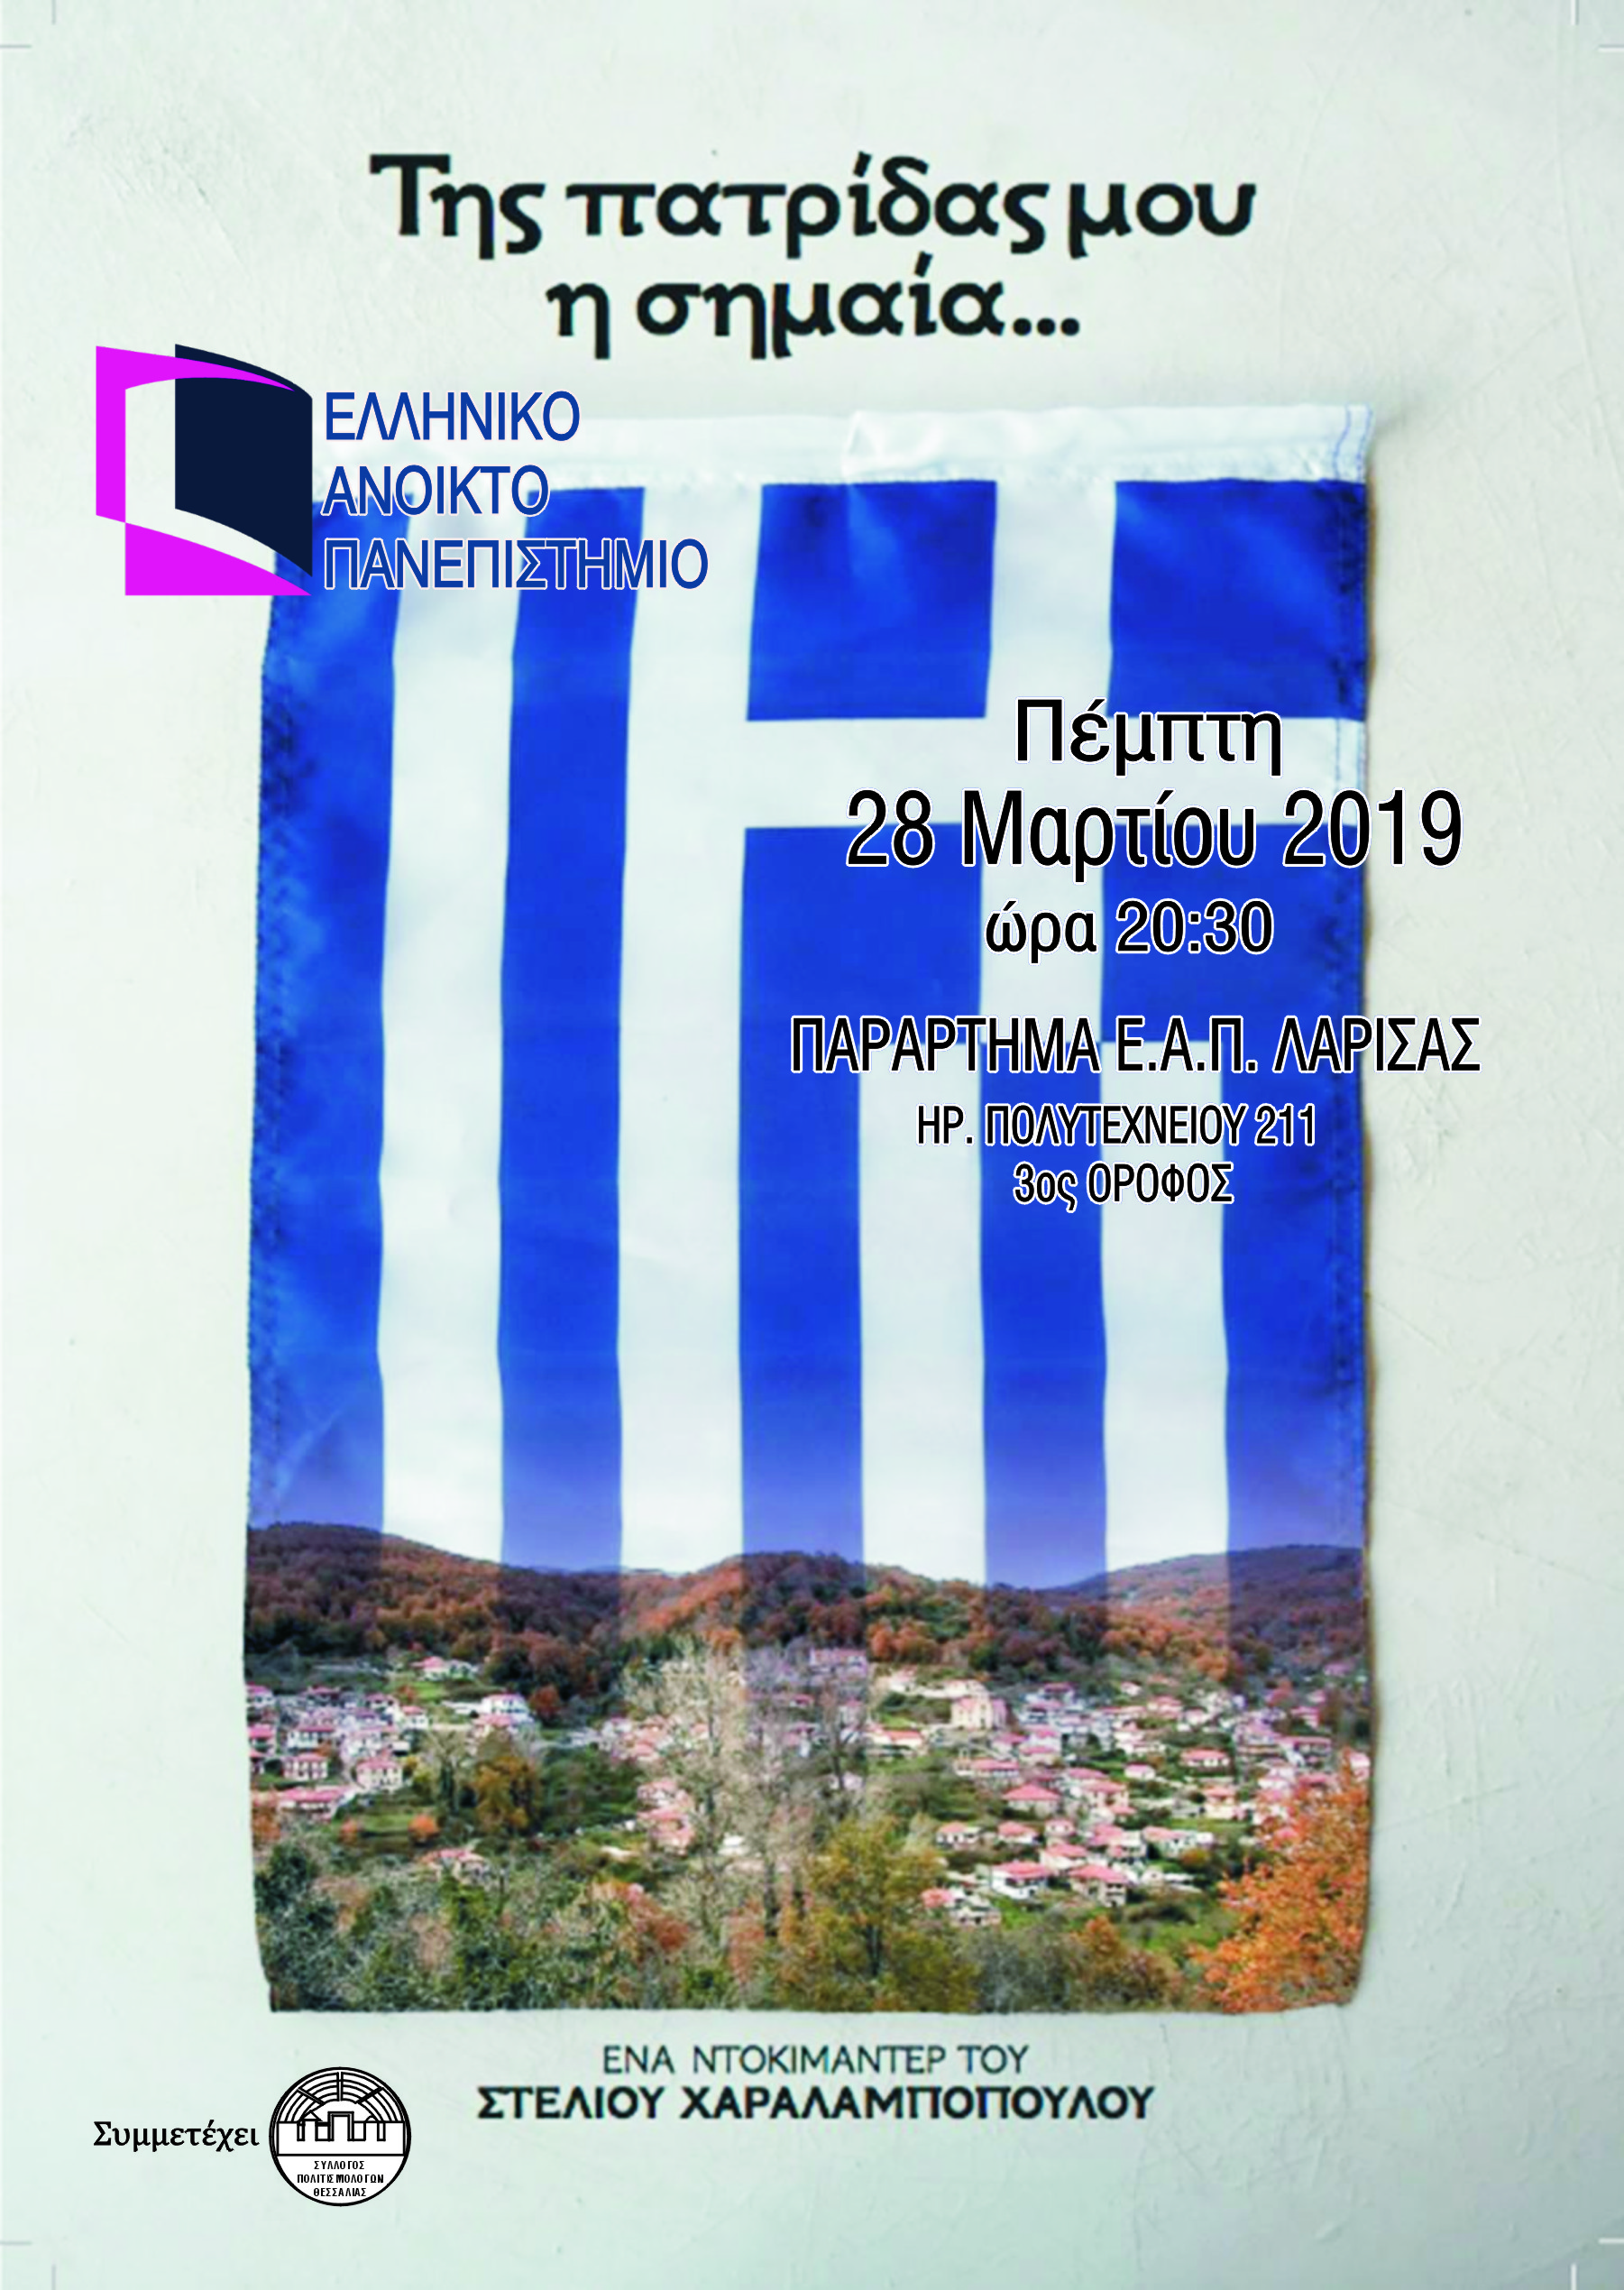 Κινηματογραφικό Αφιέρωμα στο ελληνικό ντοκιμαντέρ και στη μικρού μήκους ταινία από το Ε.Α.Π